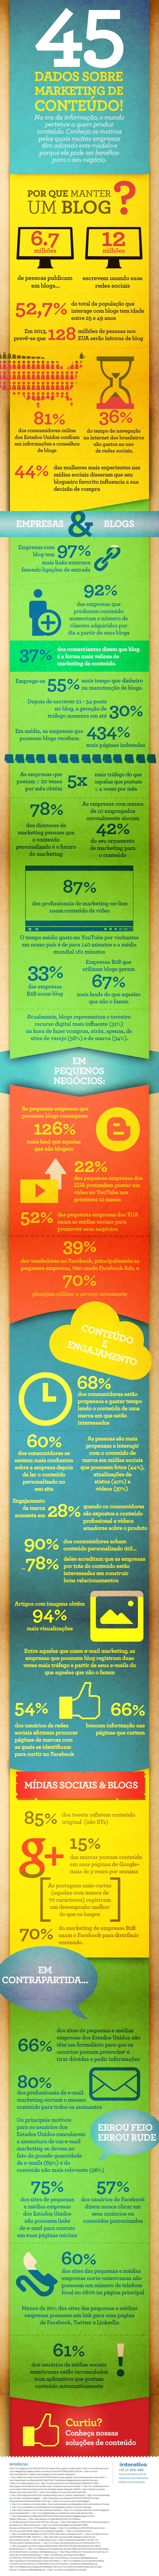 45 coisas que você precisa saber sobre Marketing de Conteúdo - Infográficos - Marketing - Administradores.com